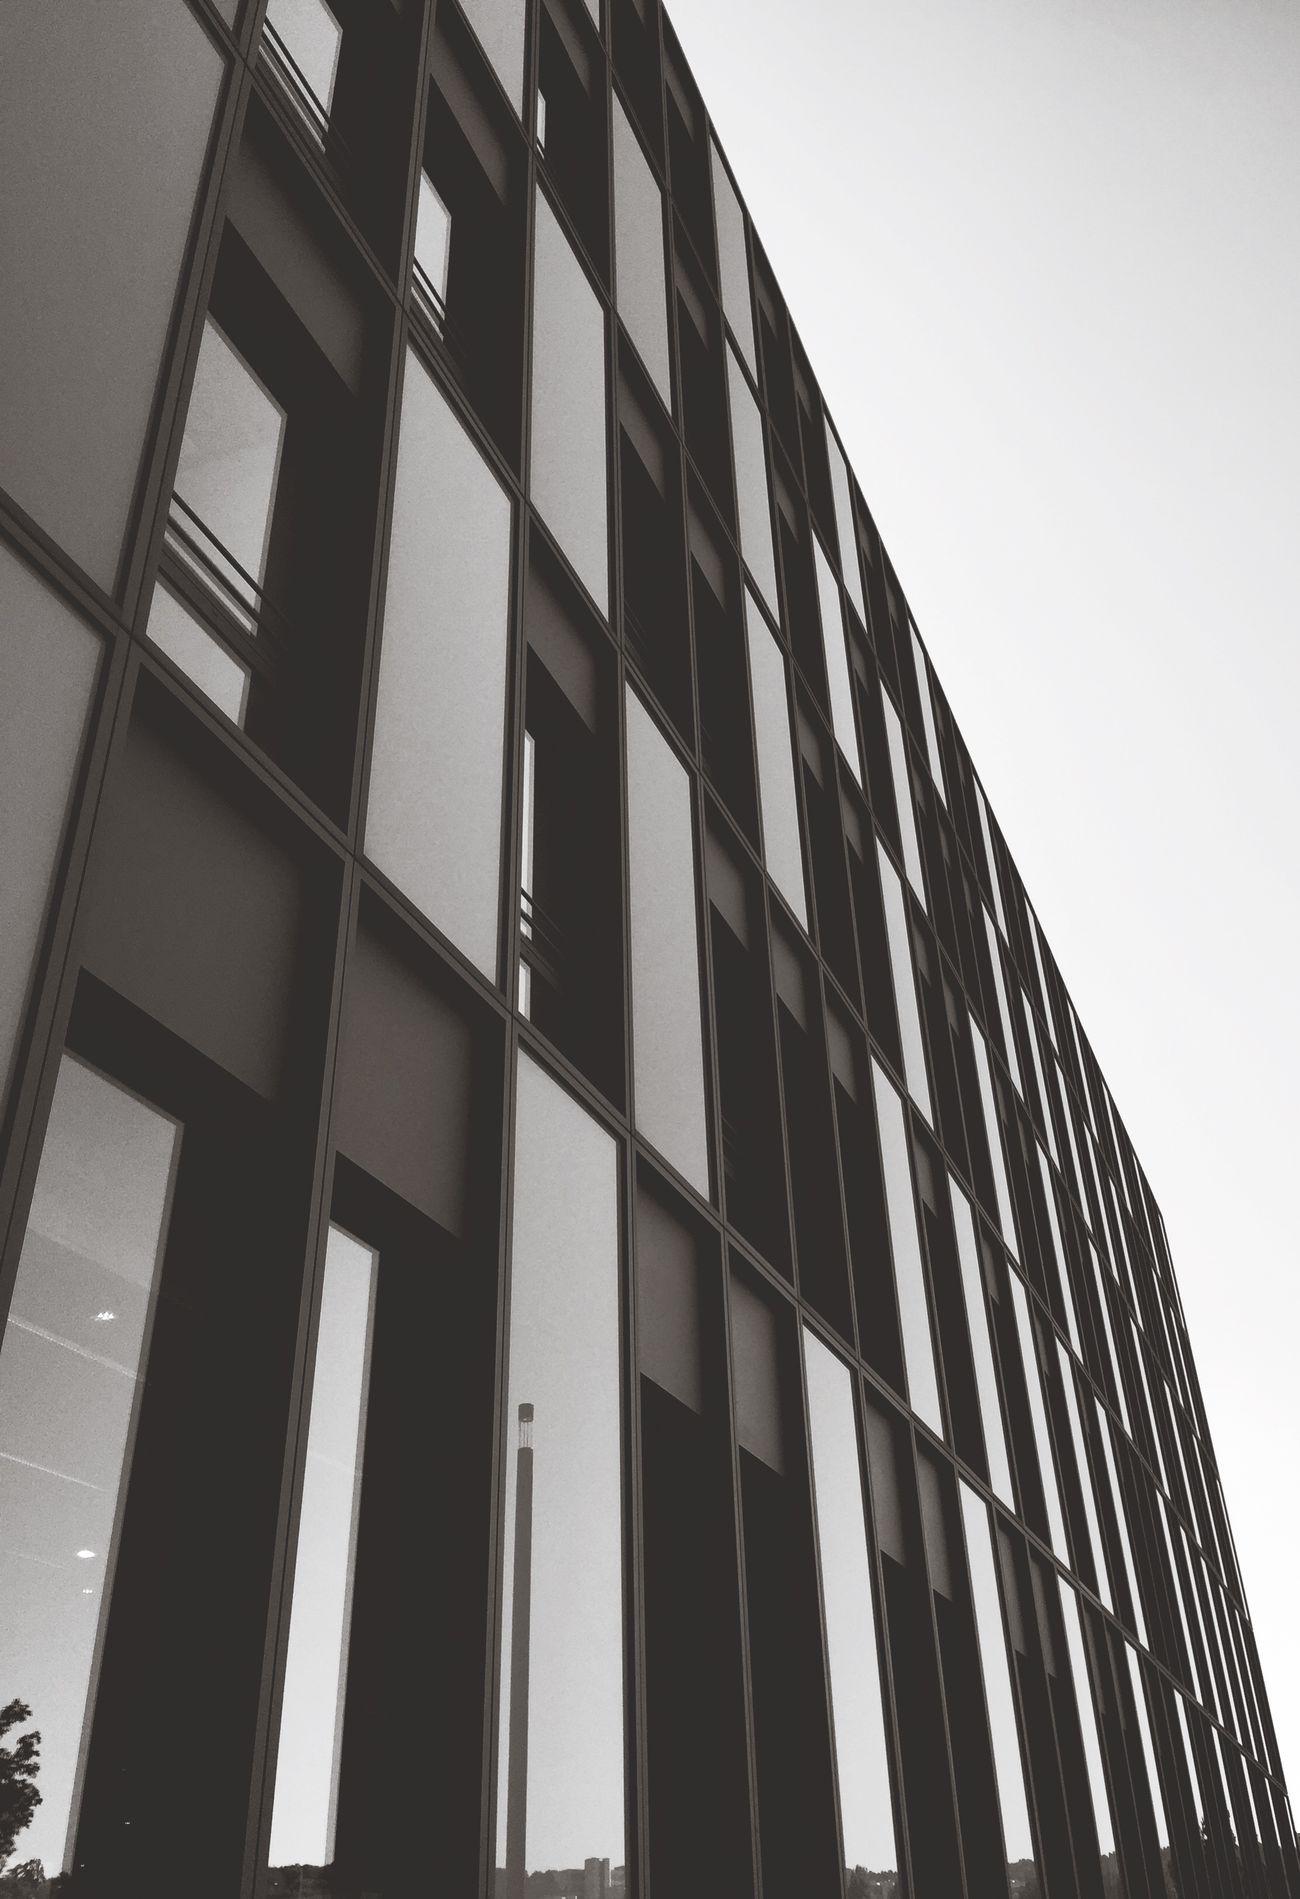 Taking Photos Blackandwhite Architecture Architecture_bw